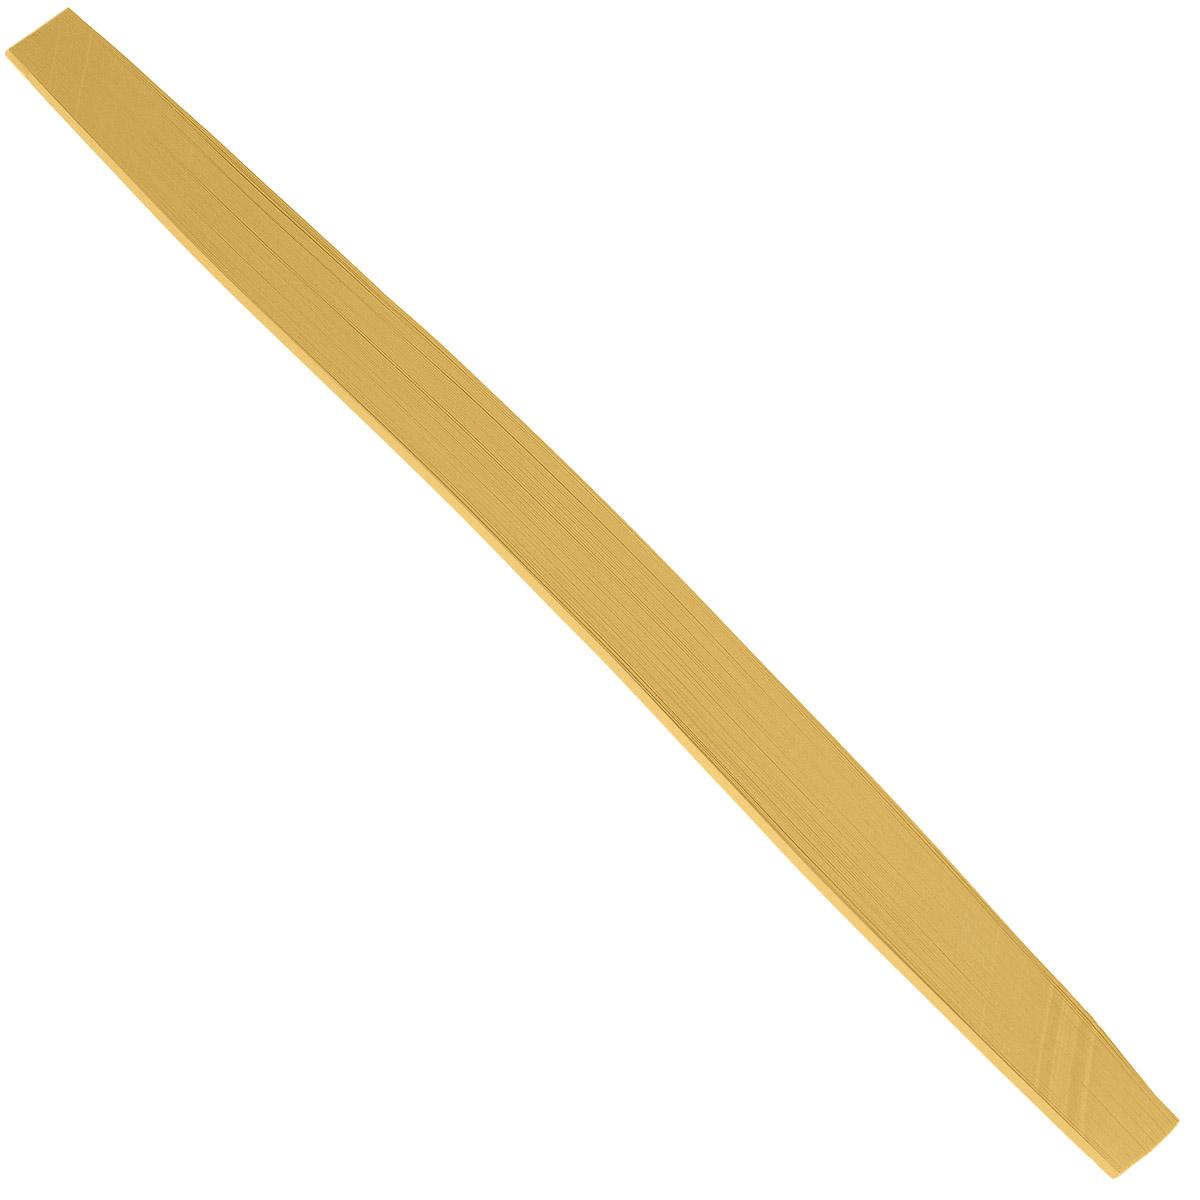 Бумага для квиллинга АртНева, цвет: бронзовый, ширина 3 мм, 100 шт697188Бумага для квиллинга АртНева - это порезанные специальным образом полоски бумаги определенной плотности. Такая бумага пластична, не расслаивается, легко и равномерно закручивается в спираль, благодаря чему готовым спиралям легче придать форму. Квиллинг (бумагокручение) - техника изготовления плоских или объемных композиций из скрученных в спиральки длинных и узких полосок бумаги. Из бумажных спиралей создаются необычные цветы и красивые витиеватые узоры, которые в дальнейшем можно использовать для украшения открыток, альбомов, подарочных упаковок, рамок для фотографий и даже для создания оригинальных бижутерий. Это простой и очень красивый вид рукоделия, не требующий больших затрат. Ширина полоски бумаги: 3 мм.Длина полоски бумаги: 35 см.Плотность бумаги: 120 г/м2.